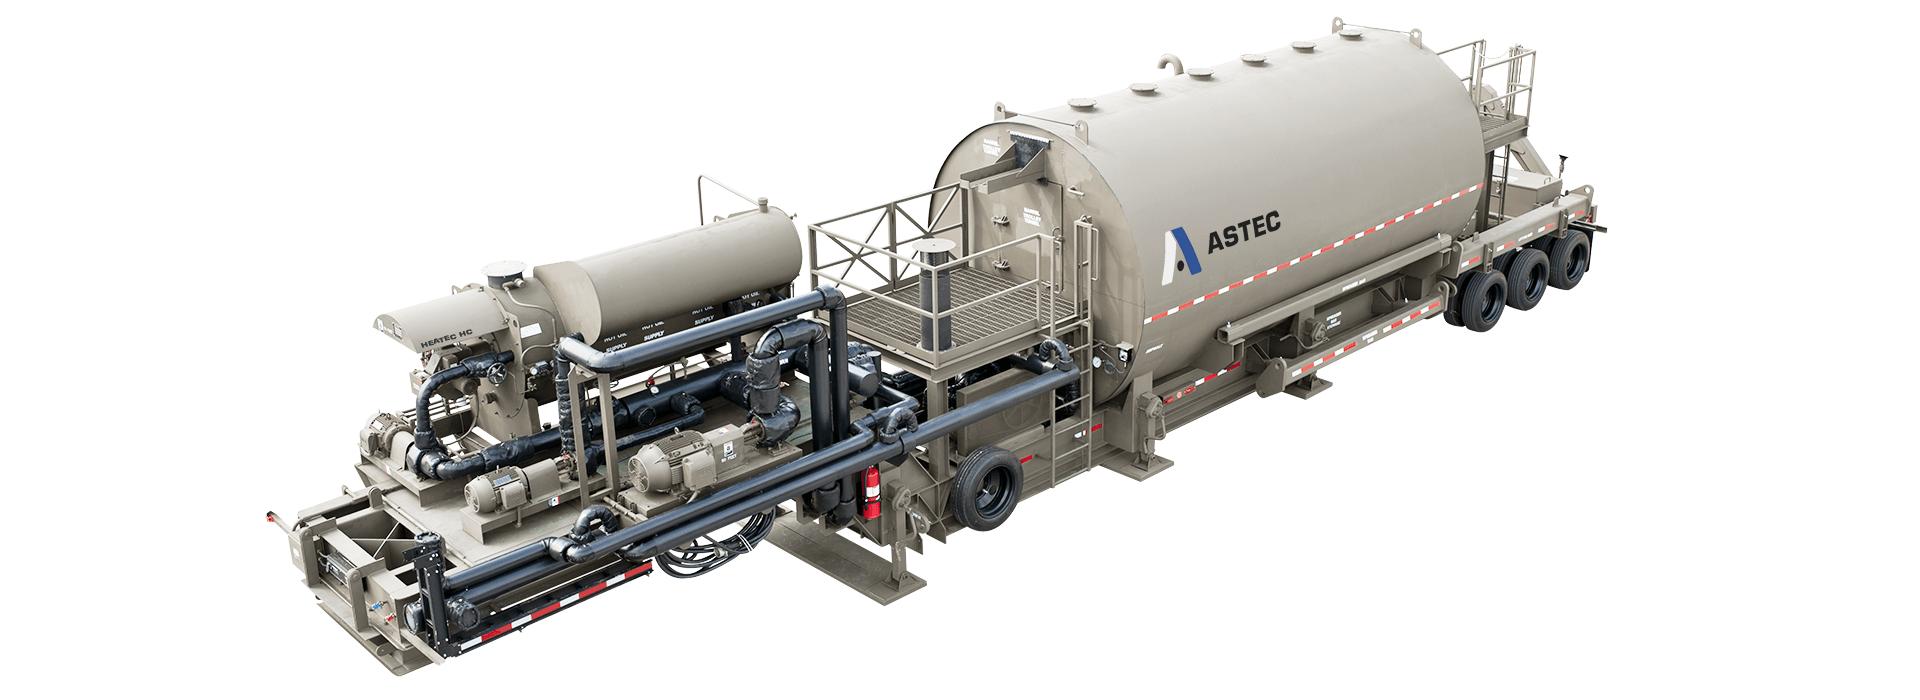 Heatec Barrel Melter